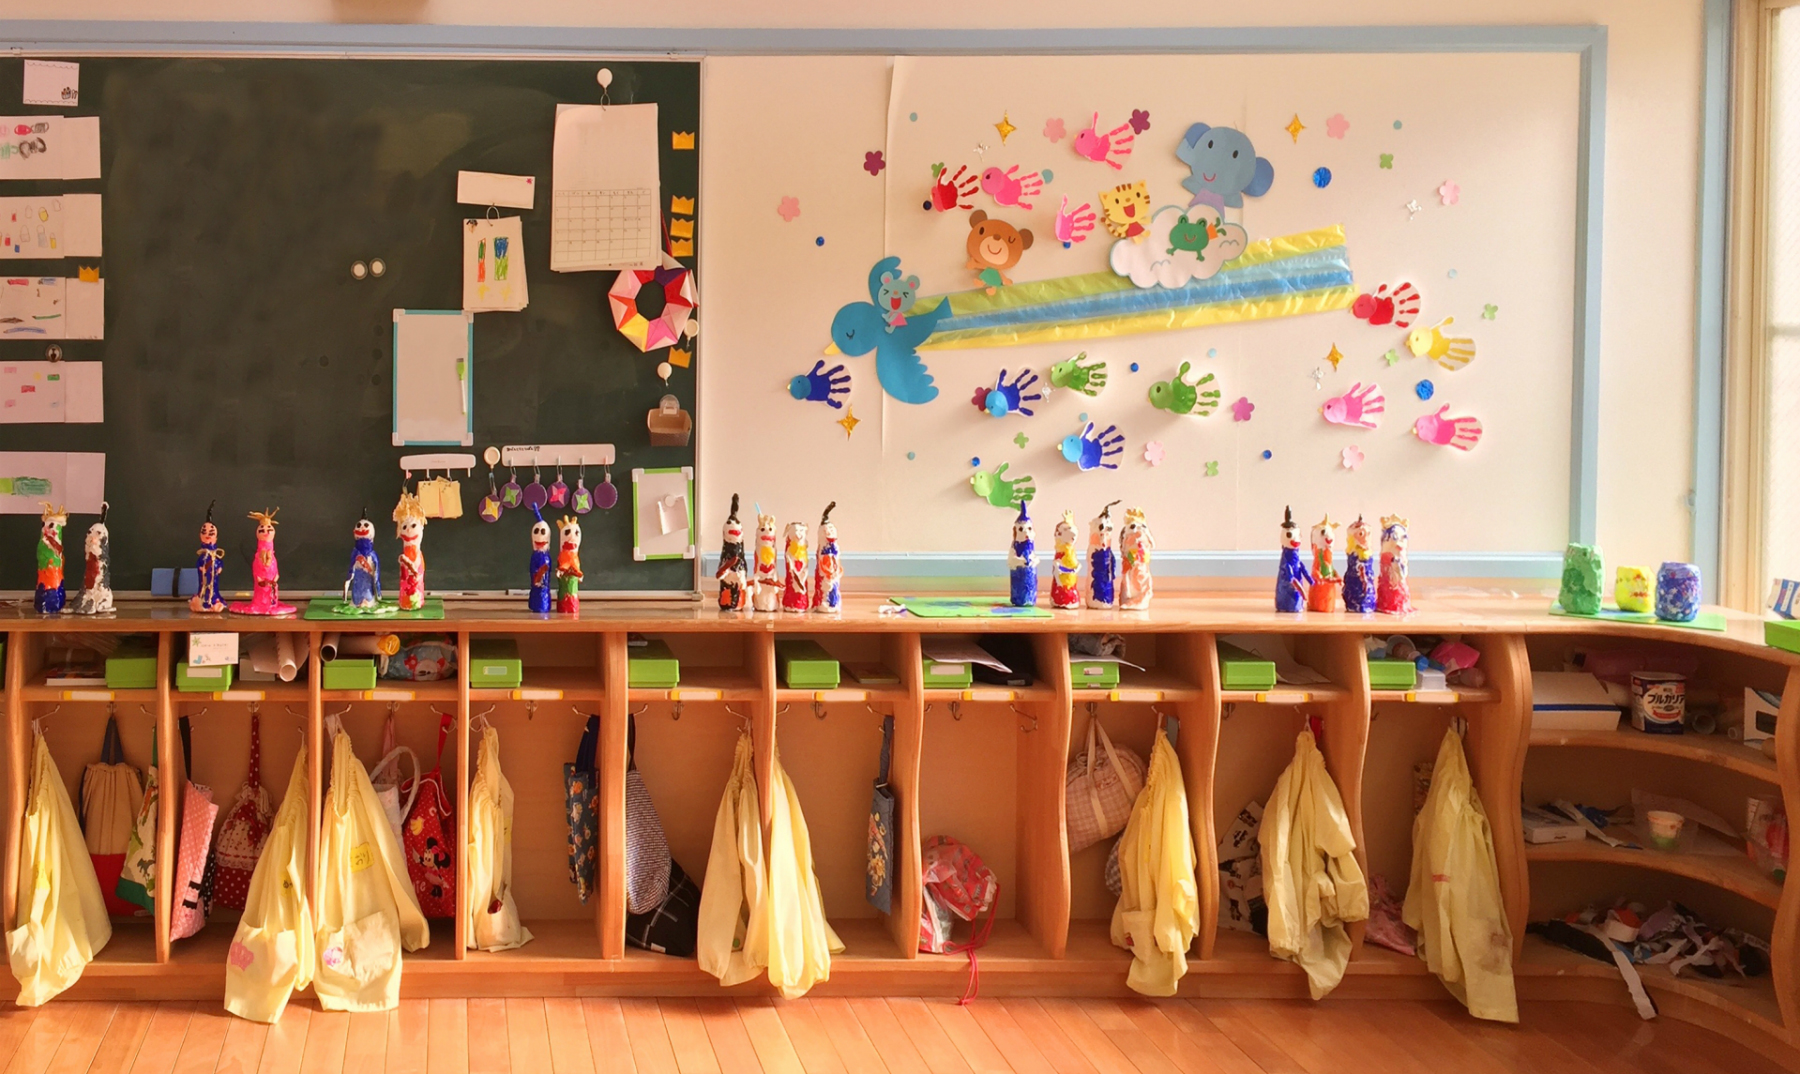 元幼稚園教諭が教える!子どもが主役の幼稚園の選び方のポイント①-幼児教育で重要な「自由遊び」の時間